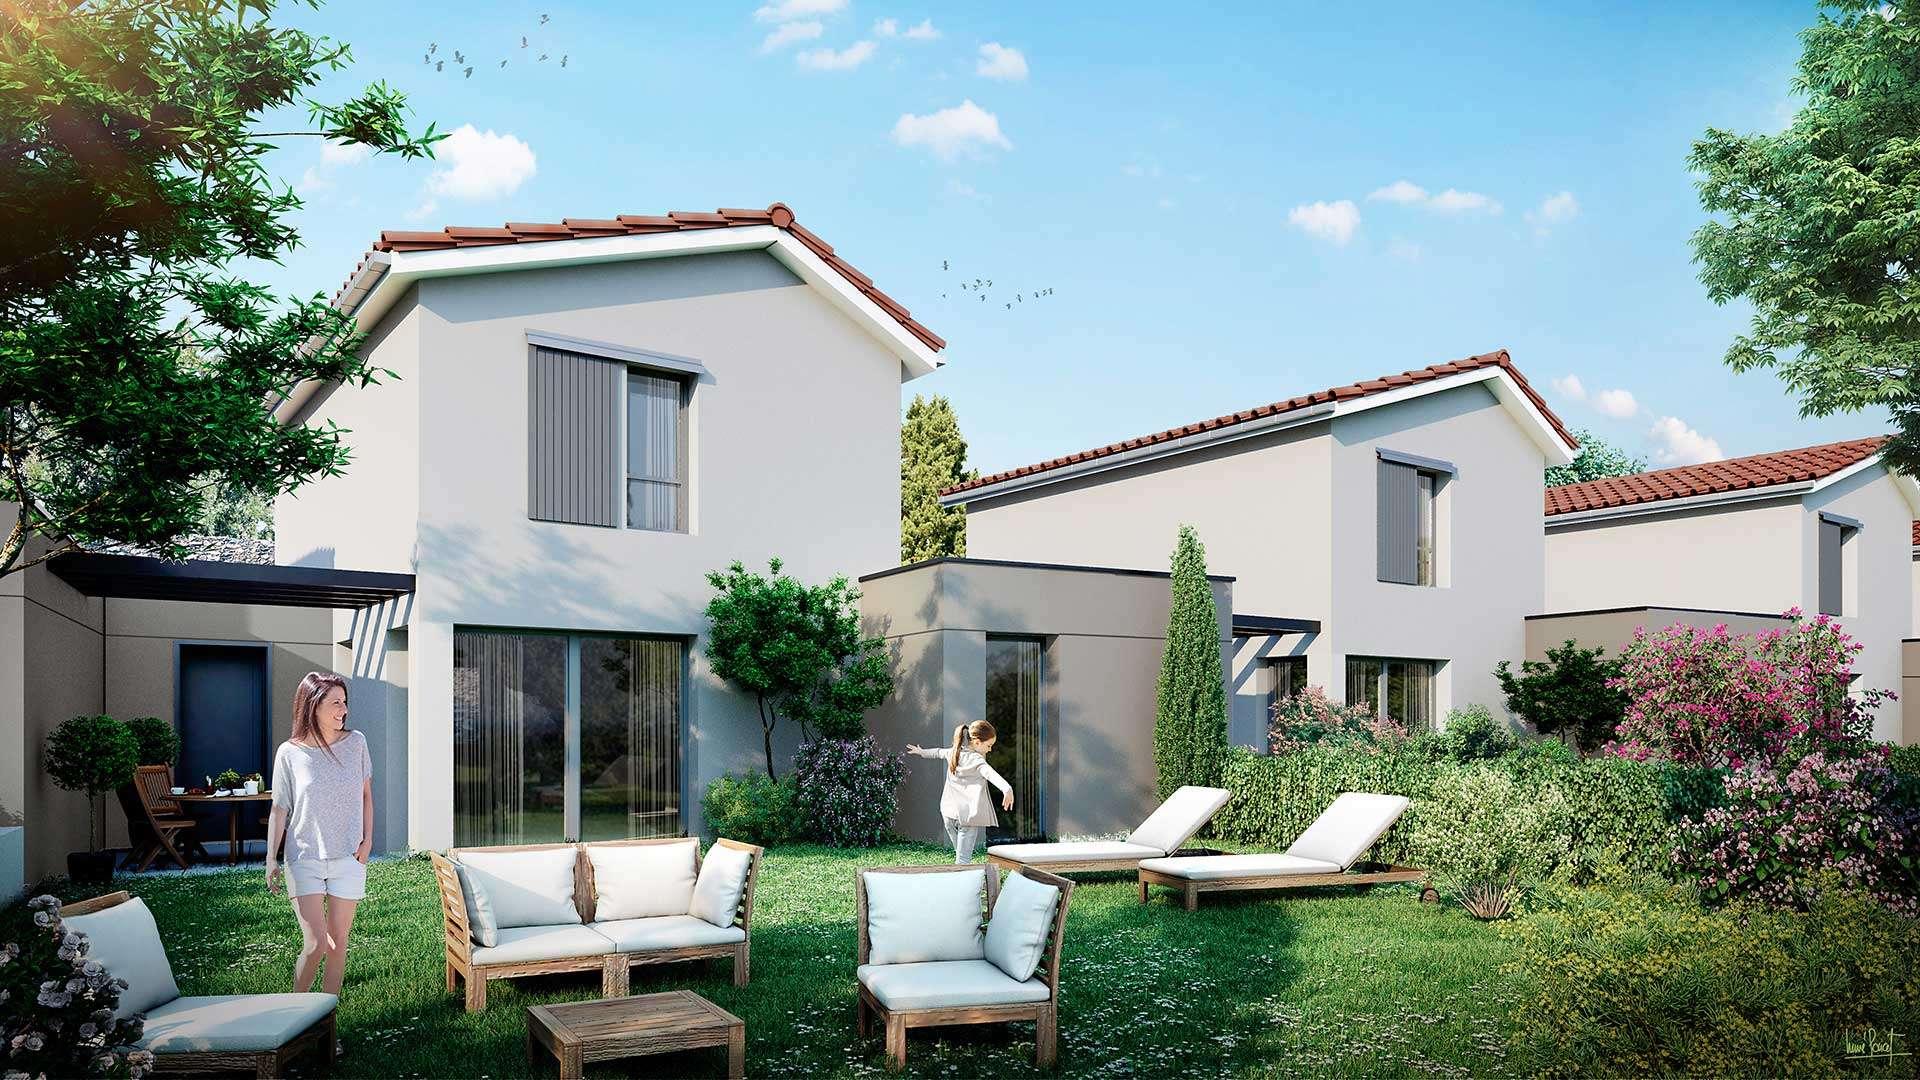 Programme Immobilier Habitat Dauphinois Clos d'Ursule